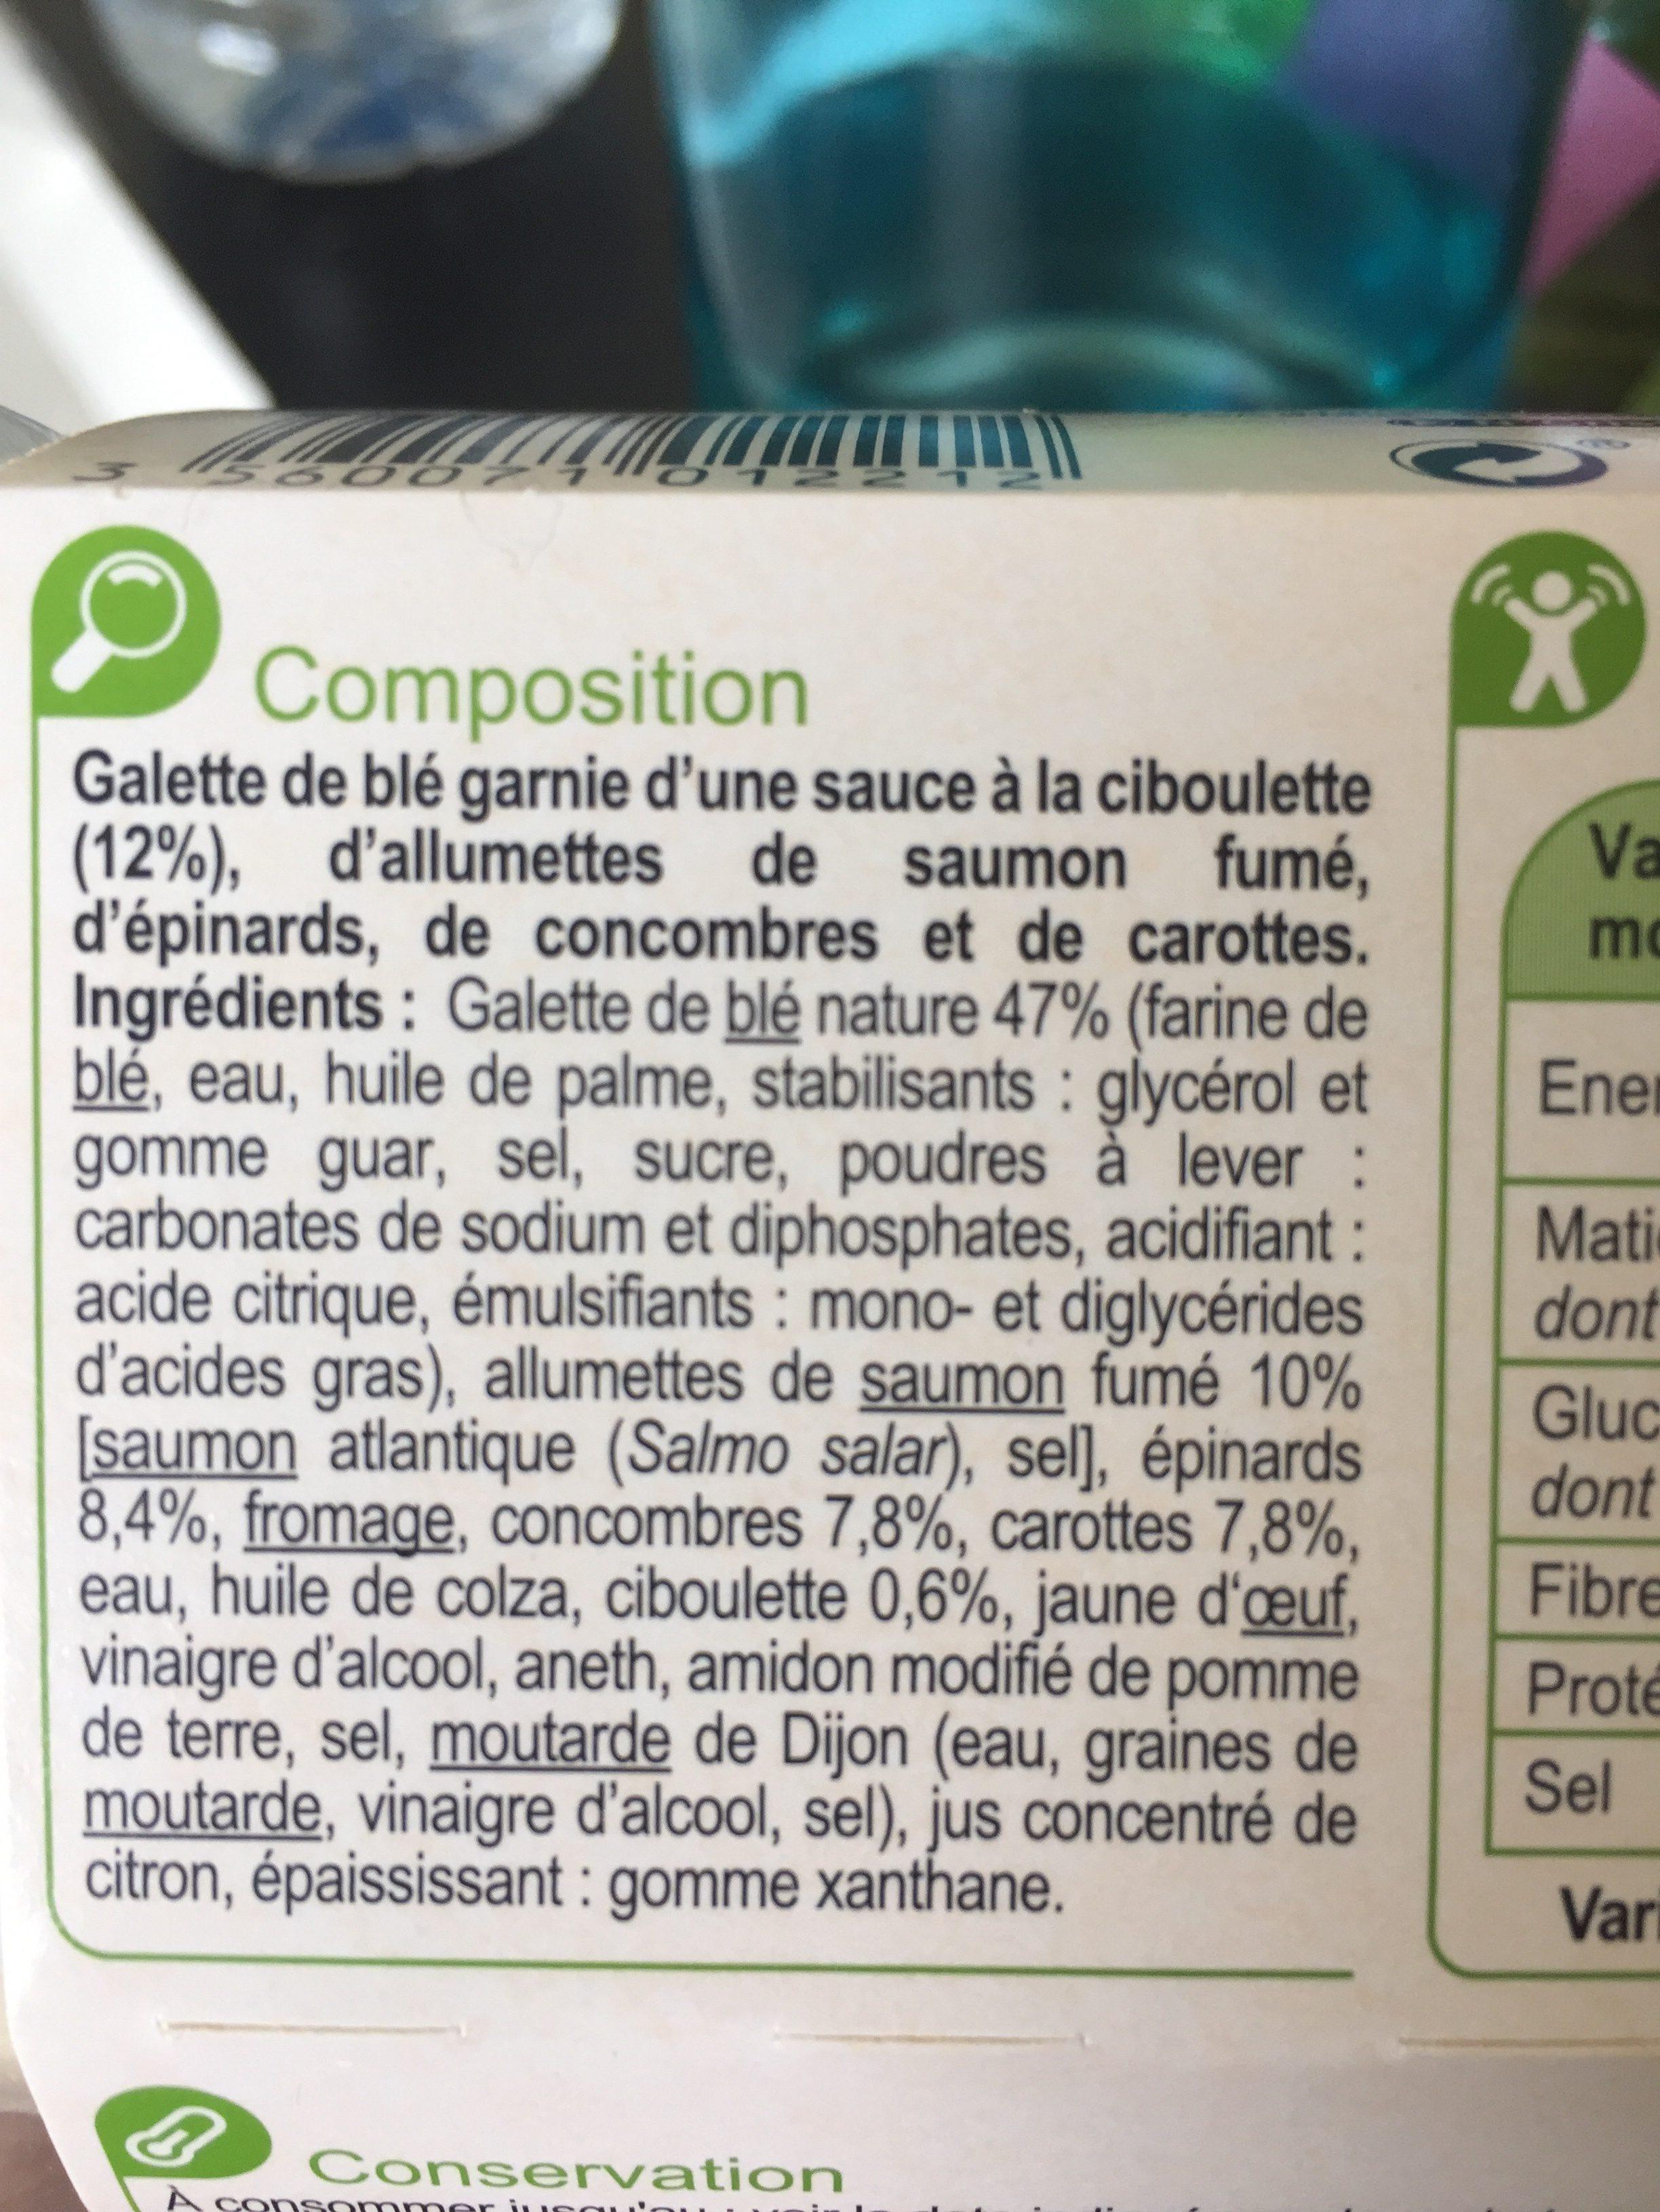 Saumon fume carottes et concombres wrap - Ingredients - fr